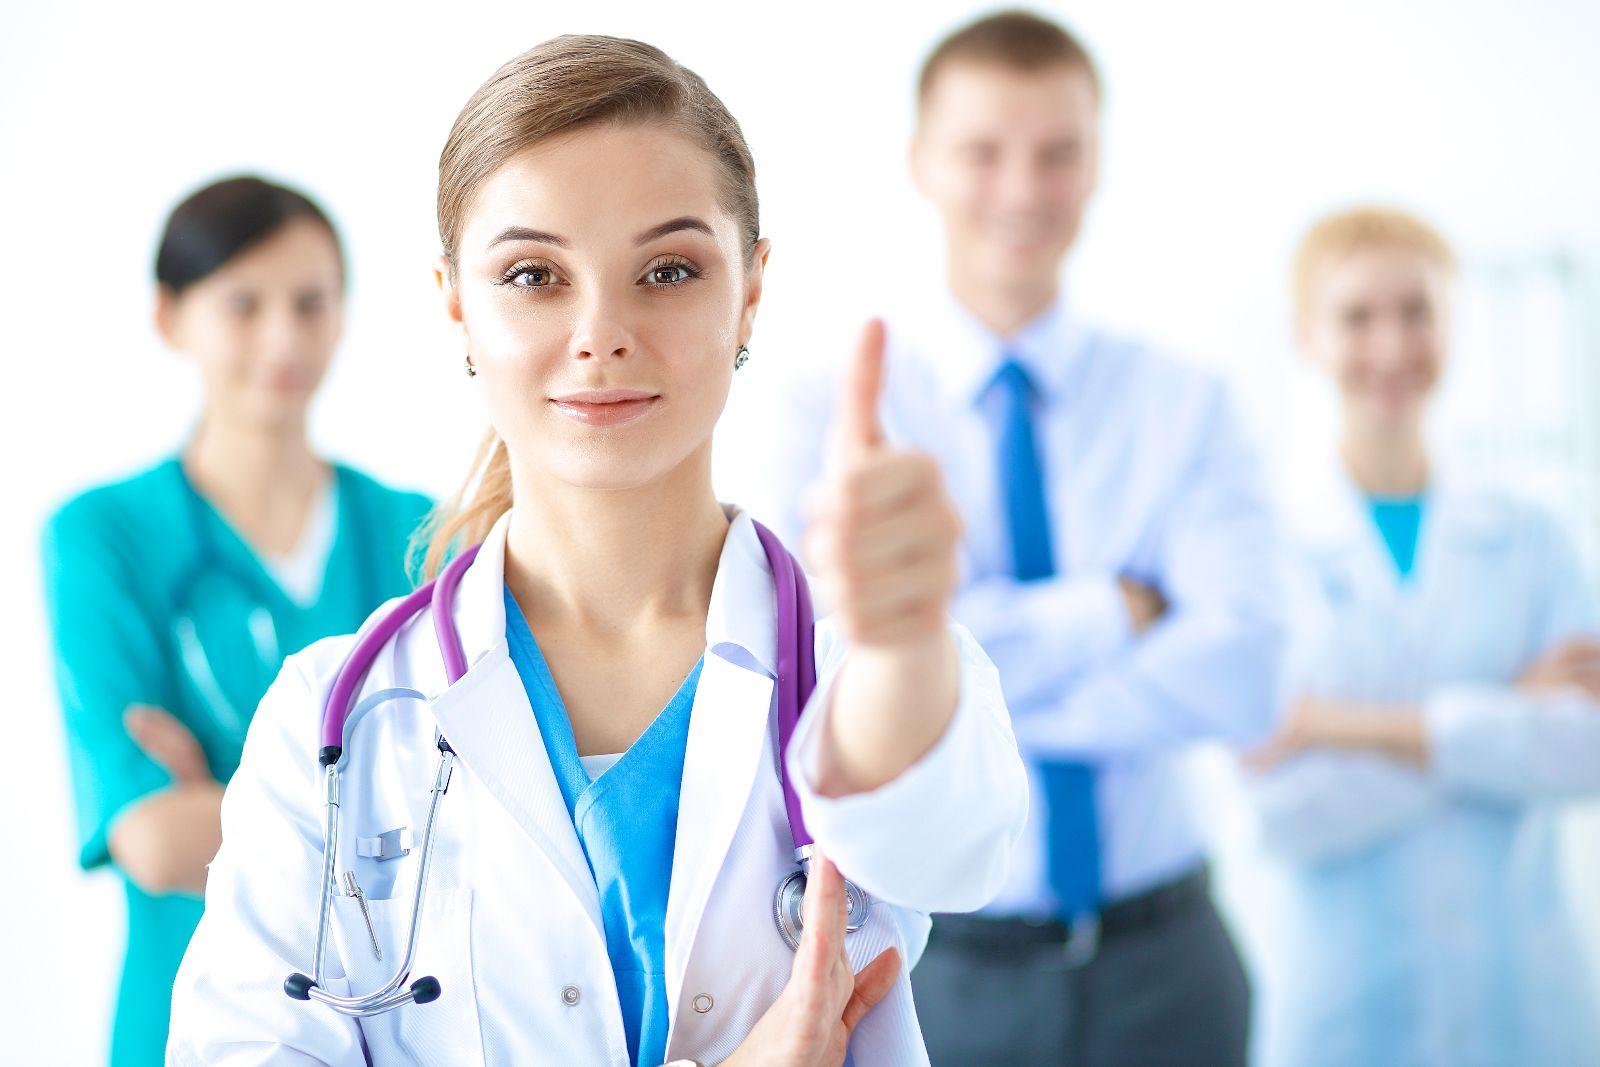 Doctora con pulgar hacia arriba, al fondo colaboradores observando